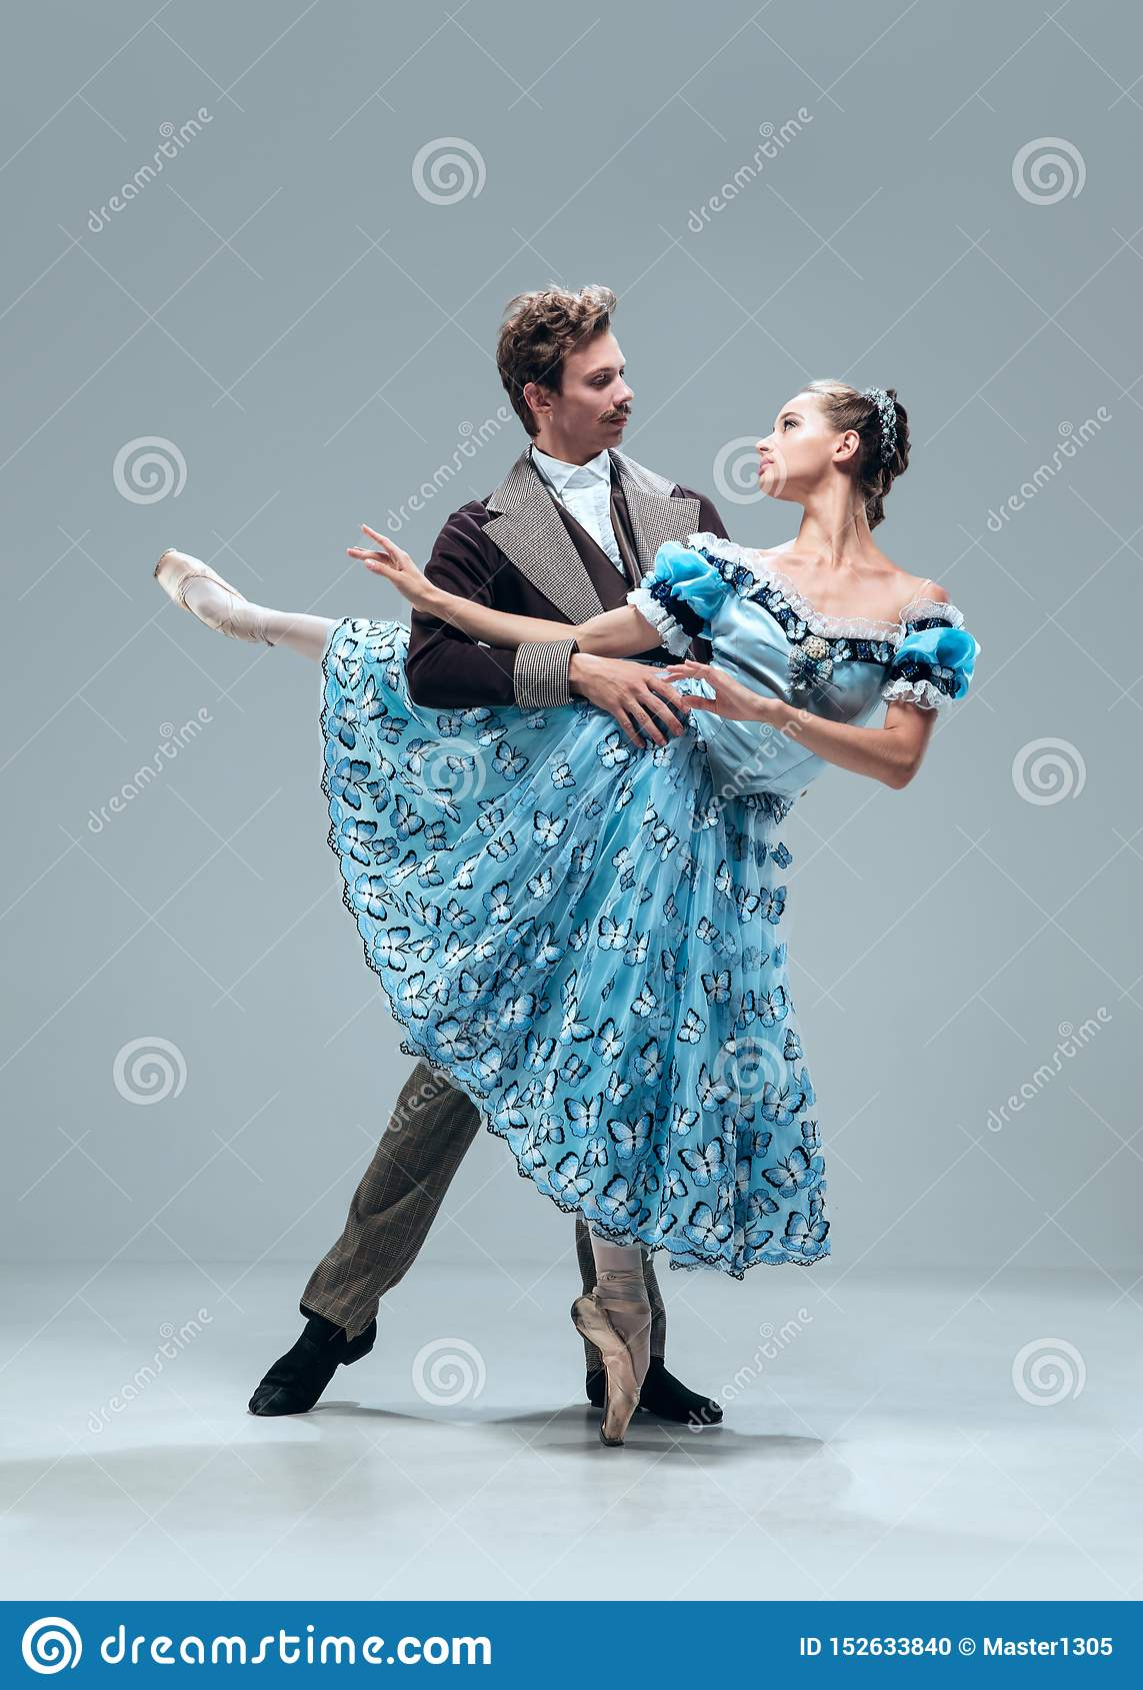 Bailarines contemporáneos del salón de baile en fondo gris del estudio